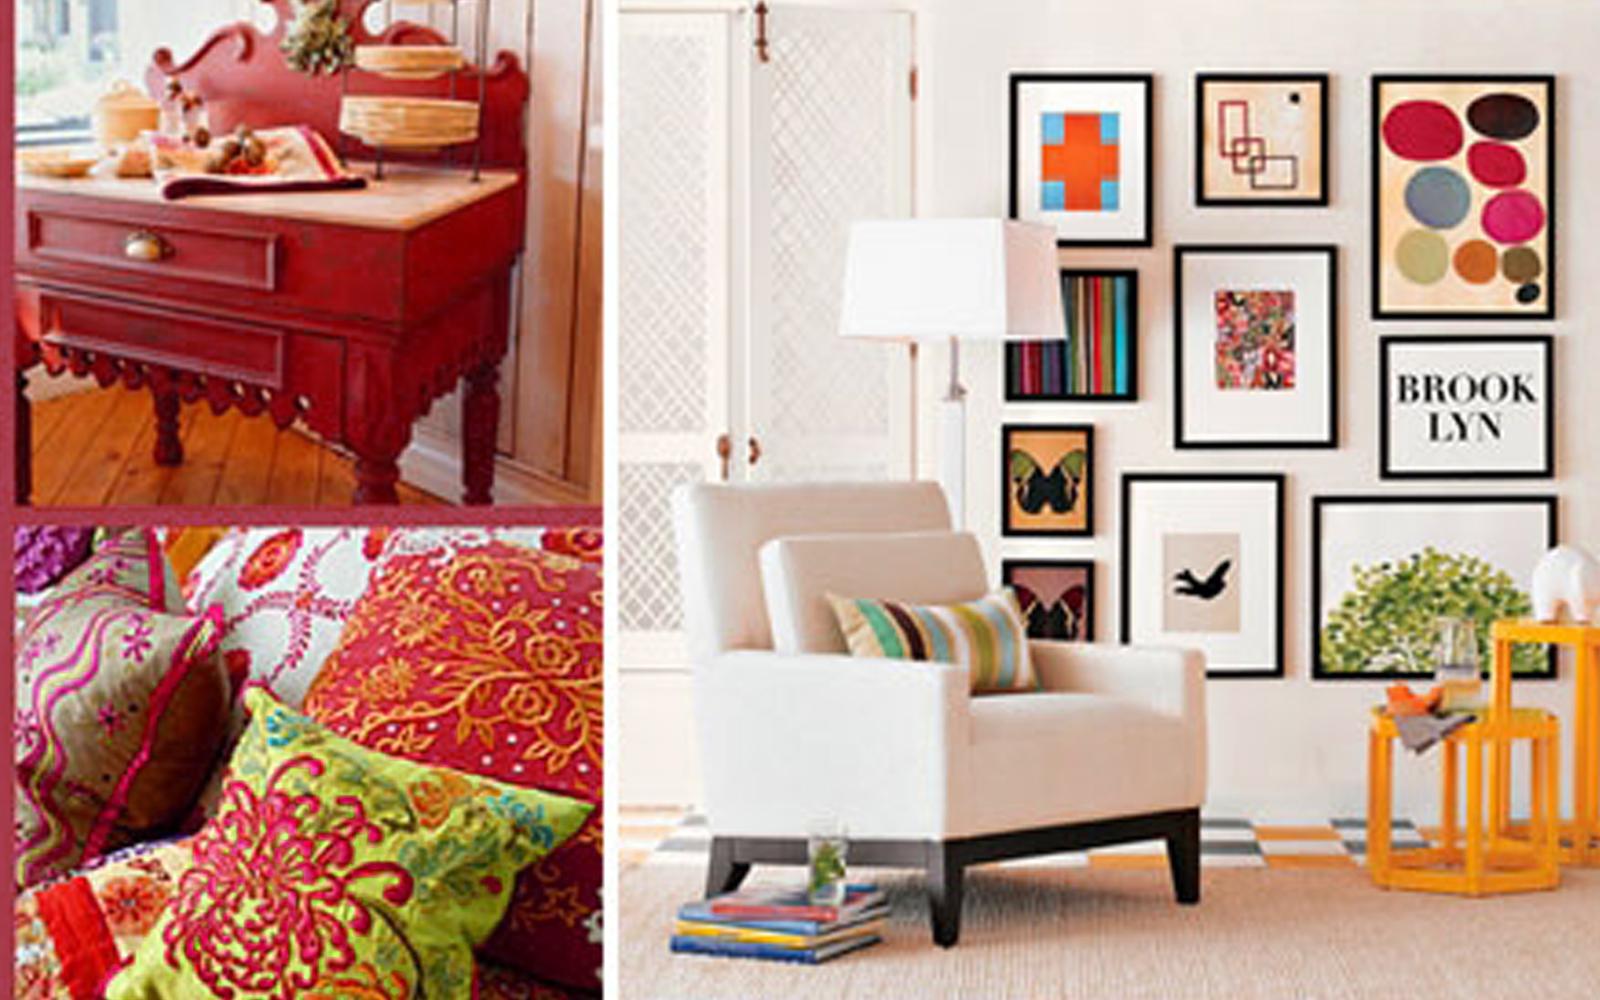 ev dekorasyonunda renklerin kullanimi ve anlamlari